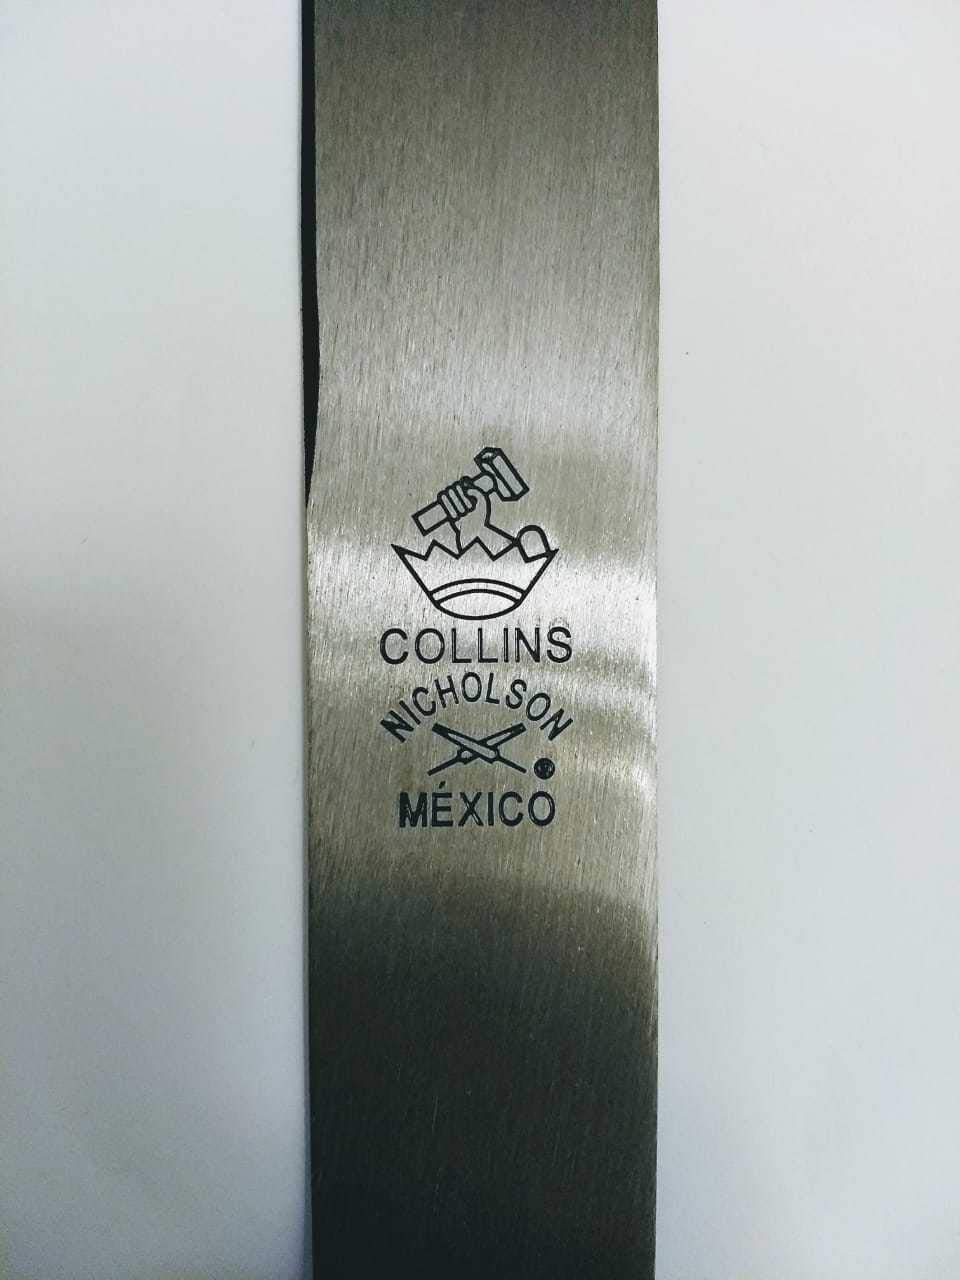 Amazon.com : Collins Nicholson Machete Caguayano 27